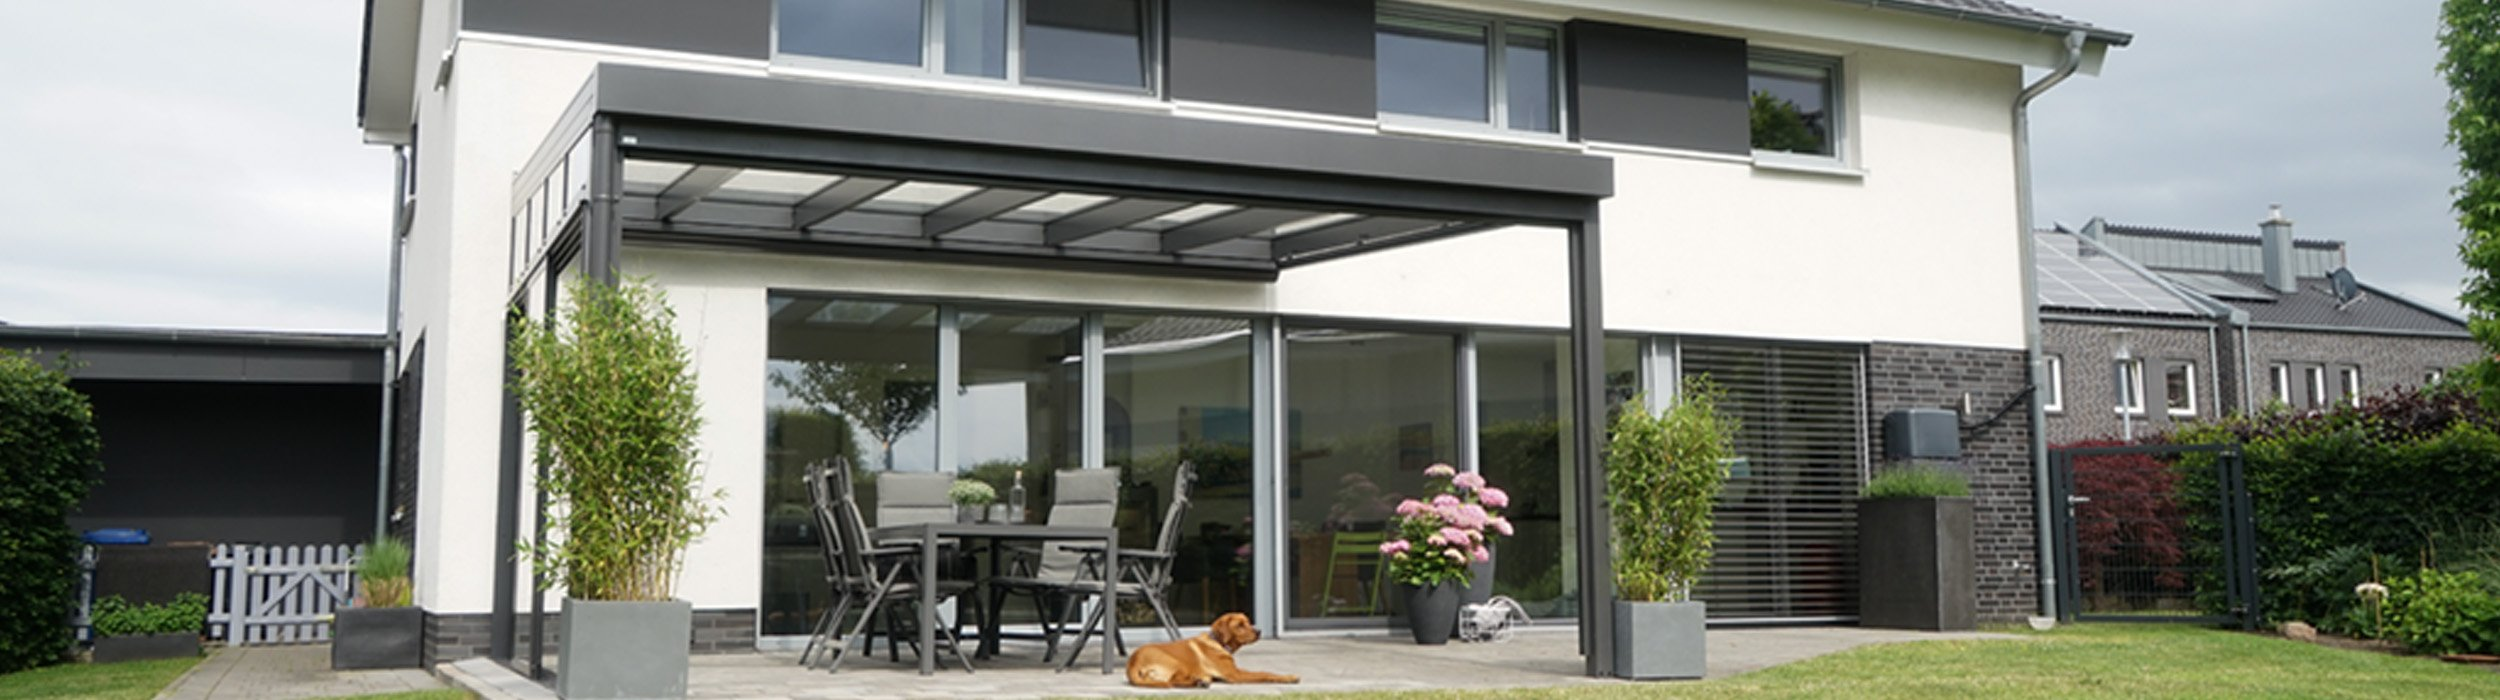 Überdachte Terrasse planen Ideen und Tipps